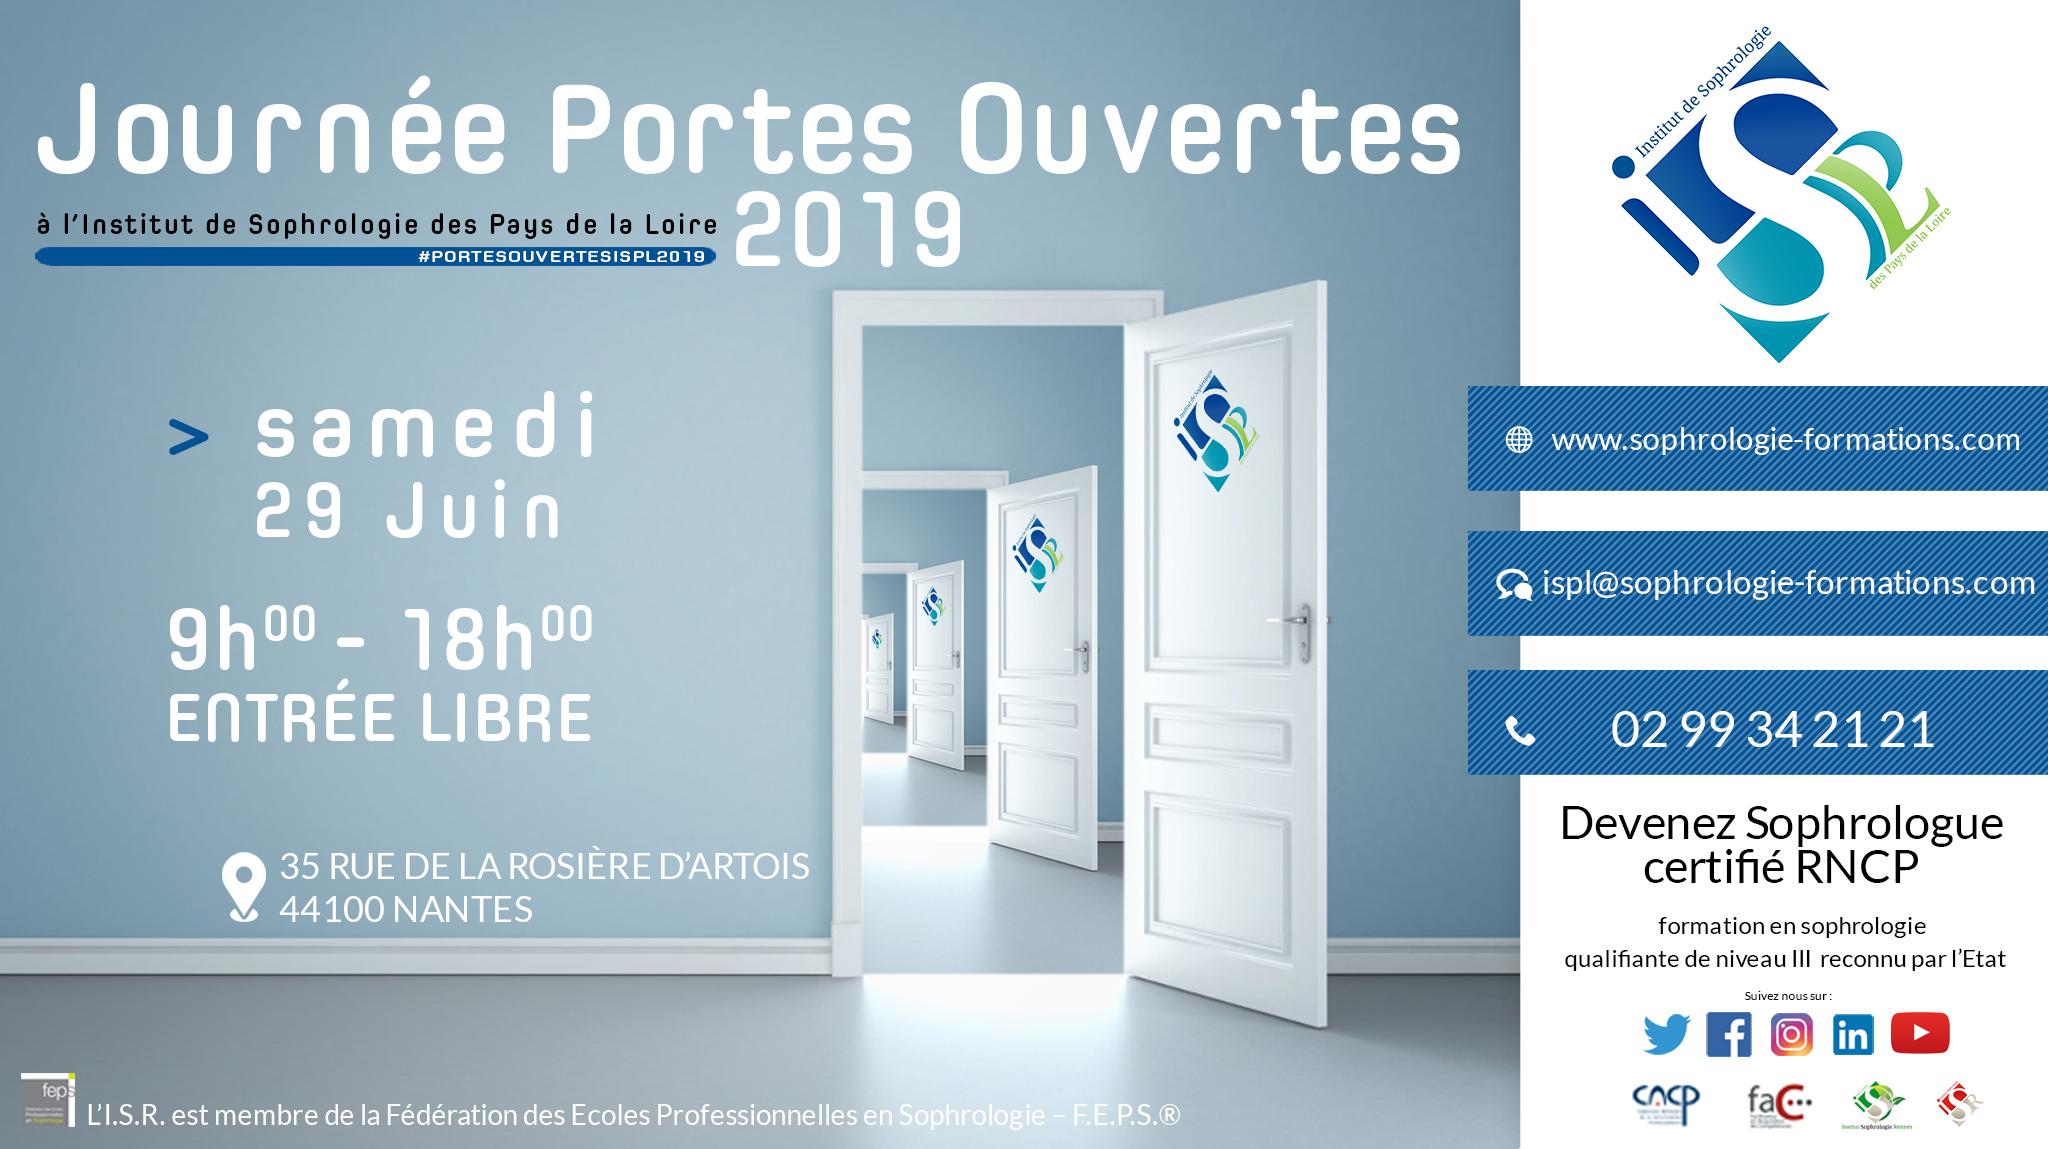 Journée Portes Ouvertes 2019 ISPL